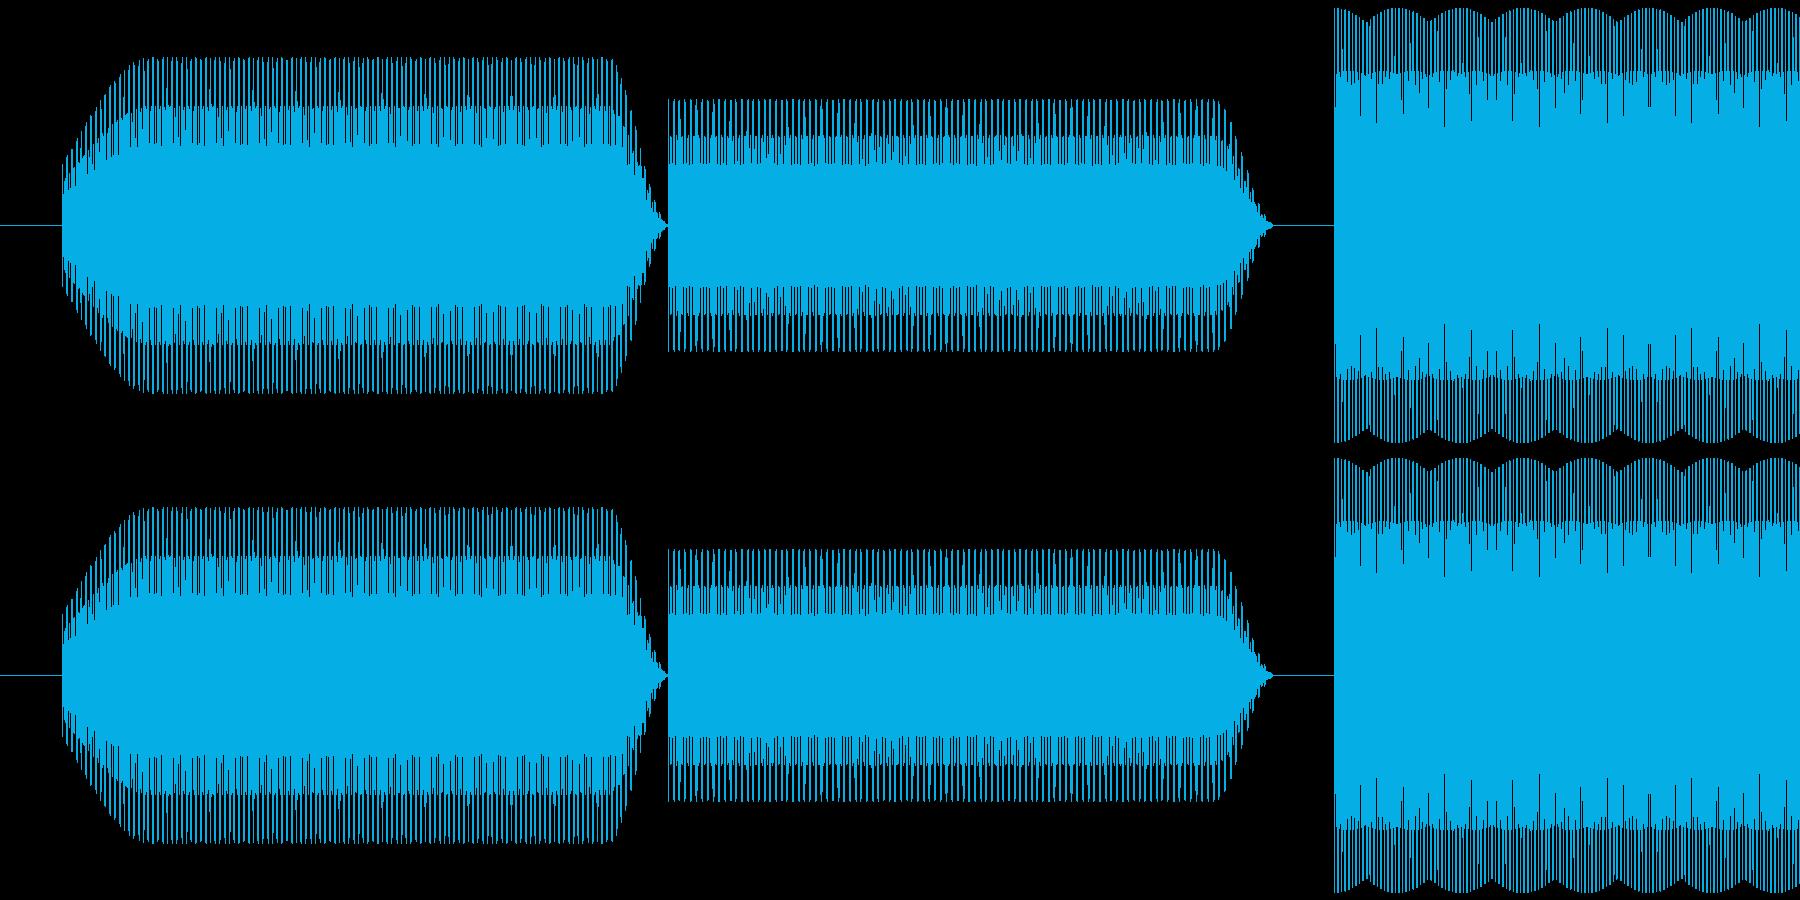 ピロリ (一時停止風)の再生済みの波形